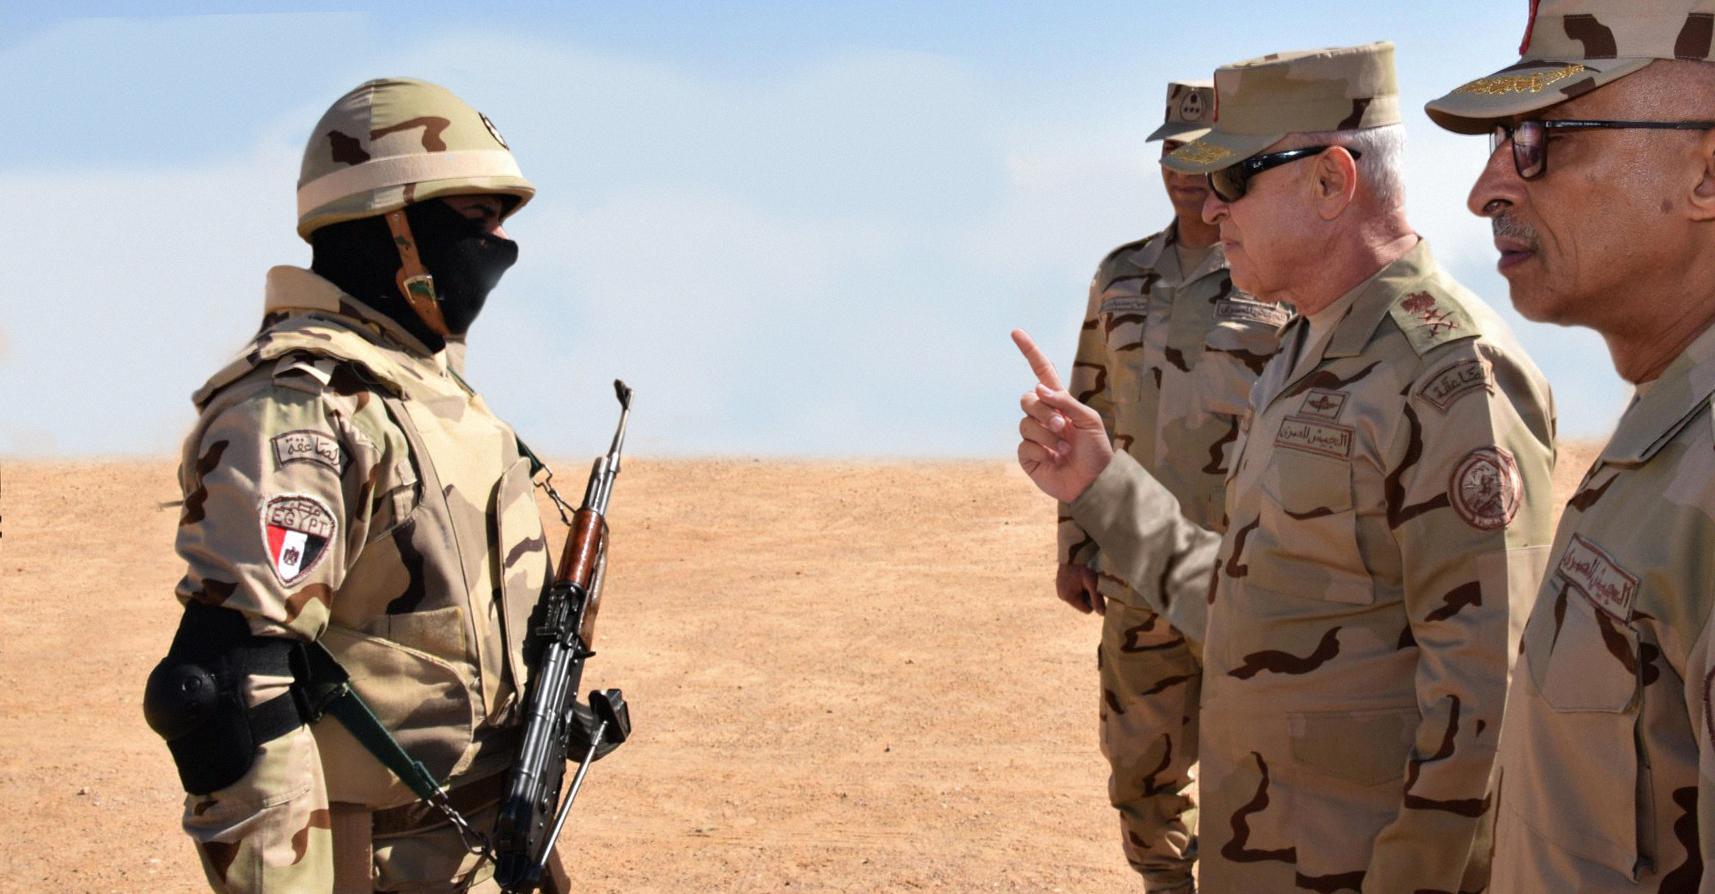 صورة الجيش المصري يدين إهدار جندي عشر رصاصات في رأس طفل واحد بدل استغلالها بقتل أطفال آخرين